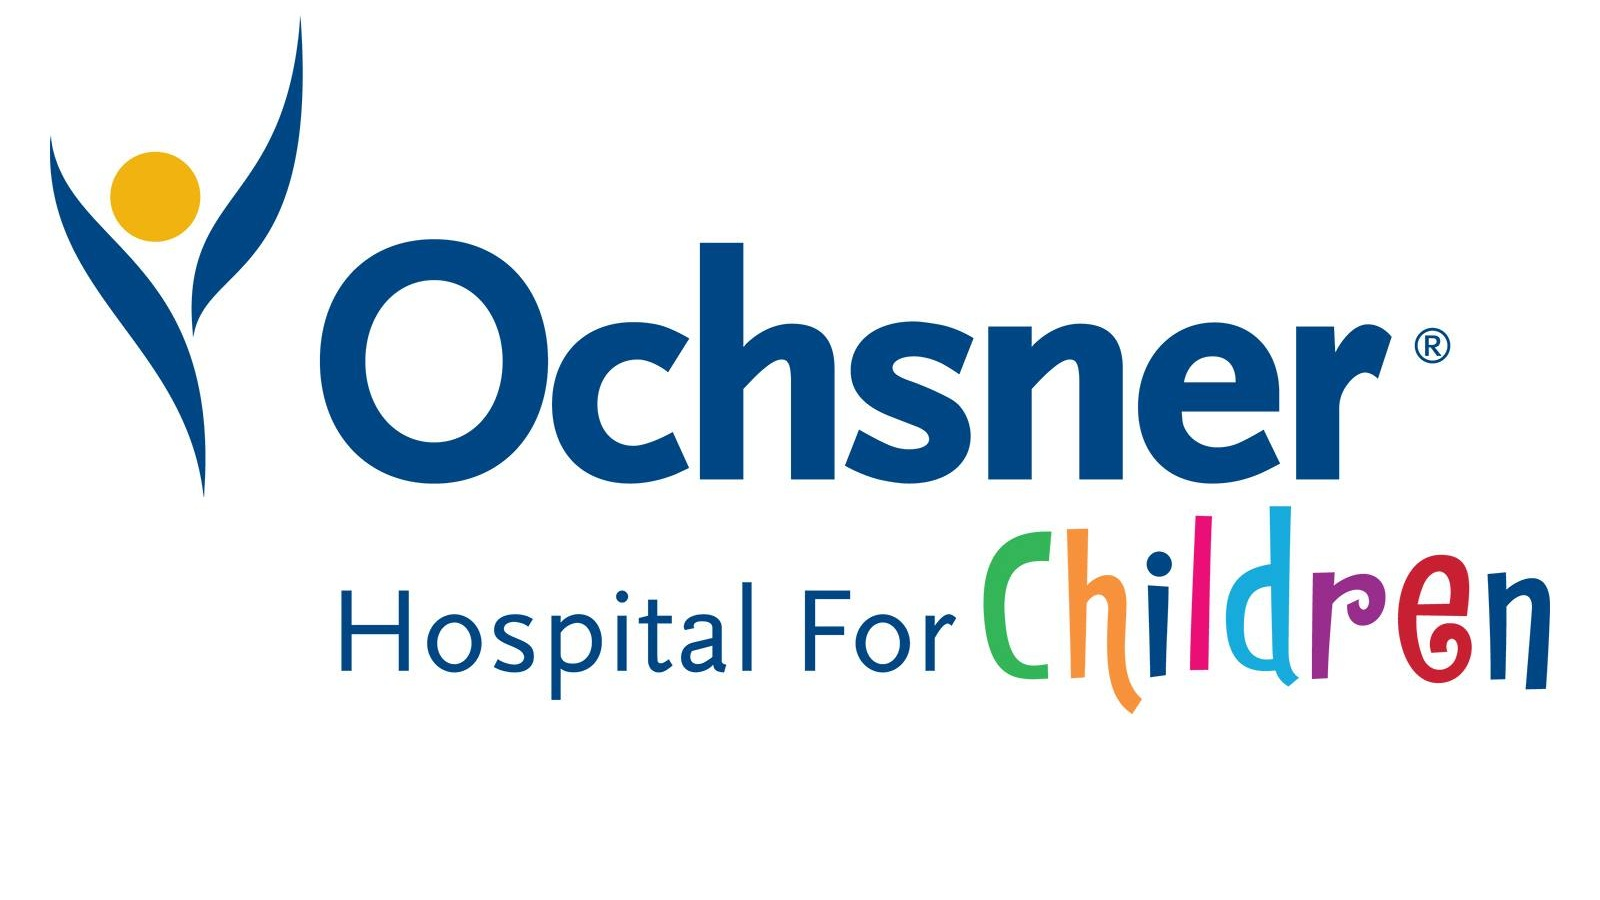 ochsner+hospital+for+children+logo.jpg